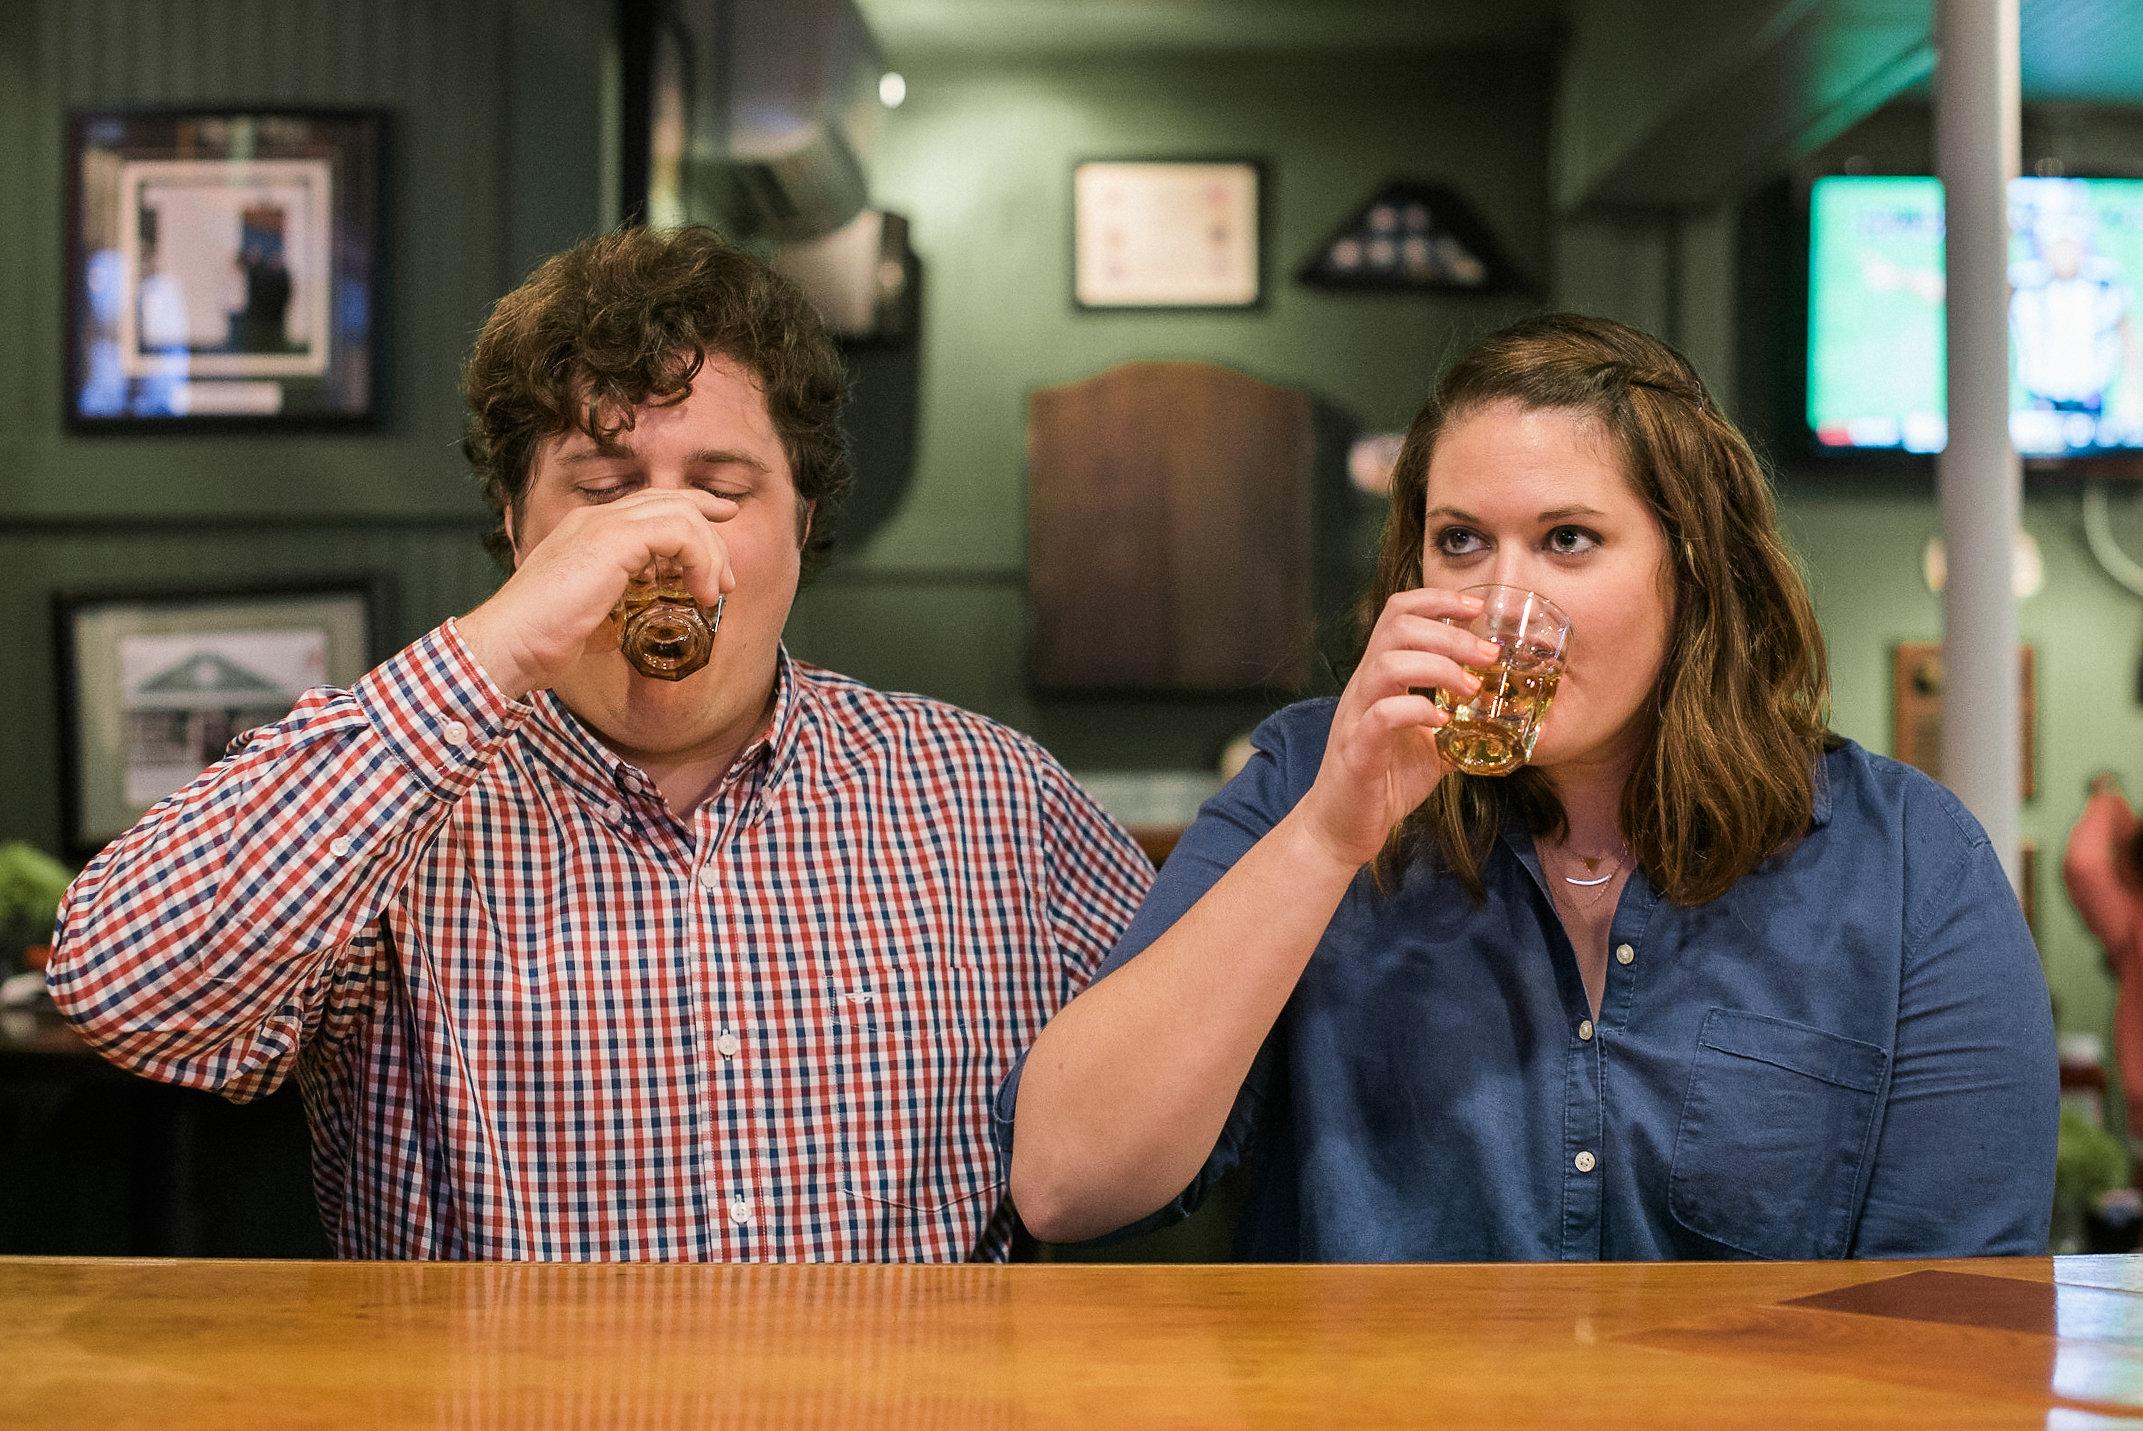 Couple drinking shot of whiskey